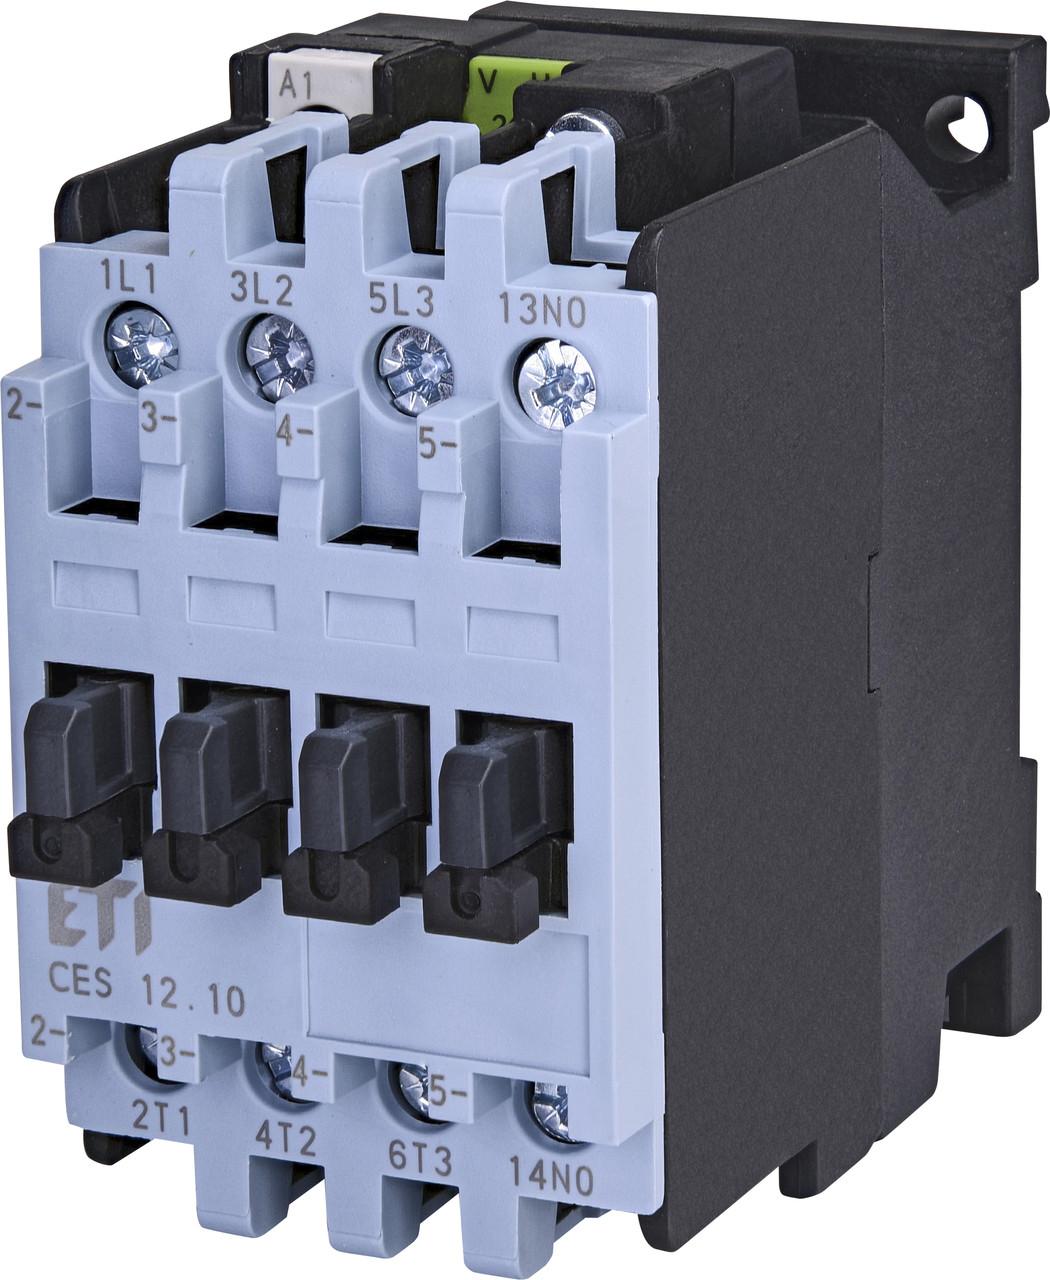 Контактор силовой ETI CES 12.10 12А 24V AC 3NO+1NO 5.5kW 4646520 (на DIN-рейку, 25A AC1, 12A AC3)